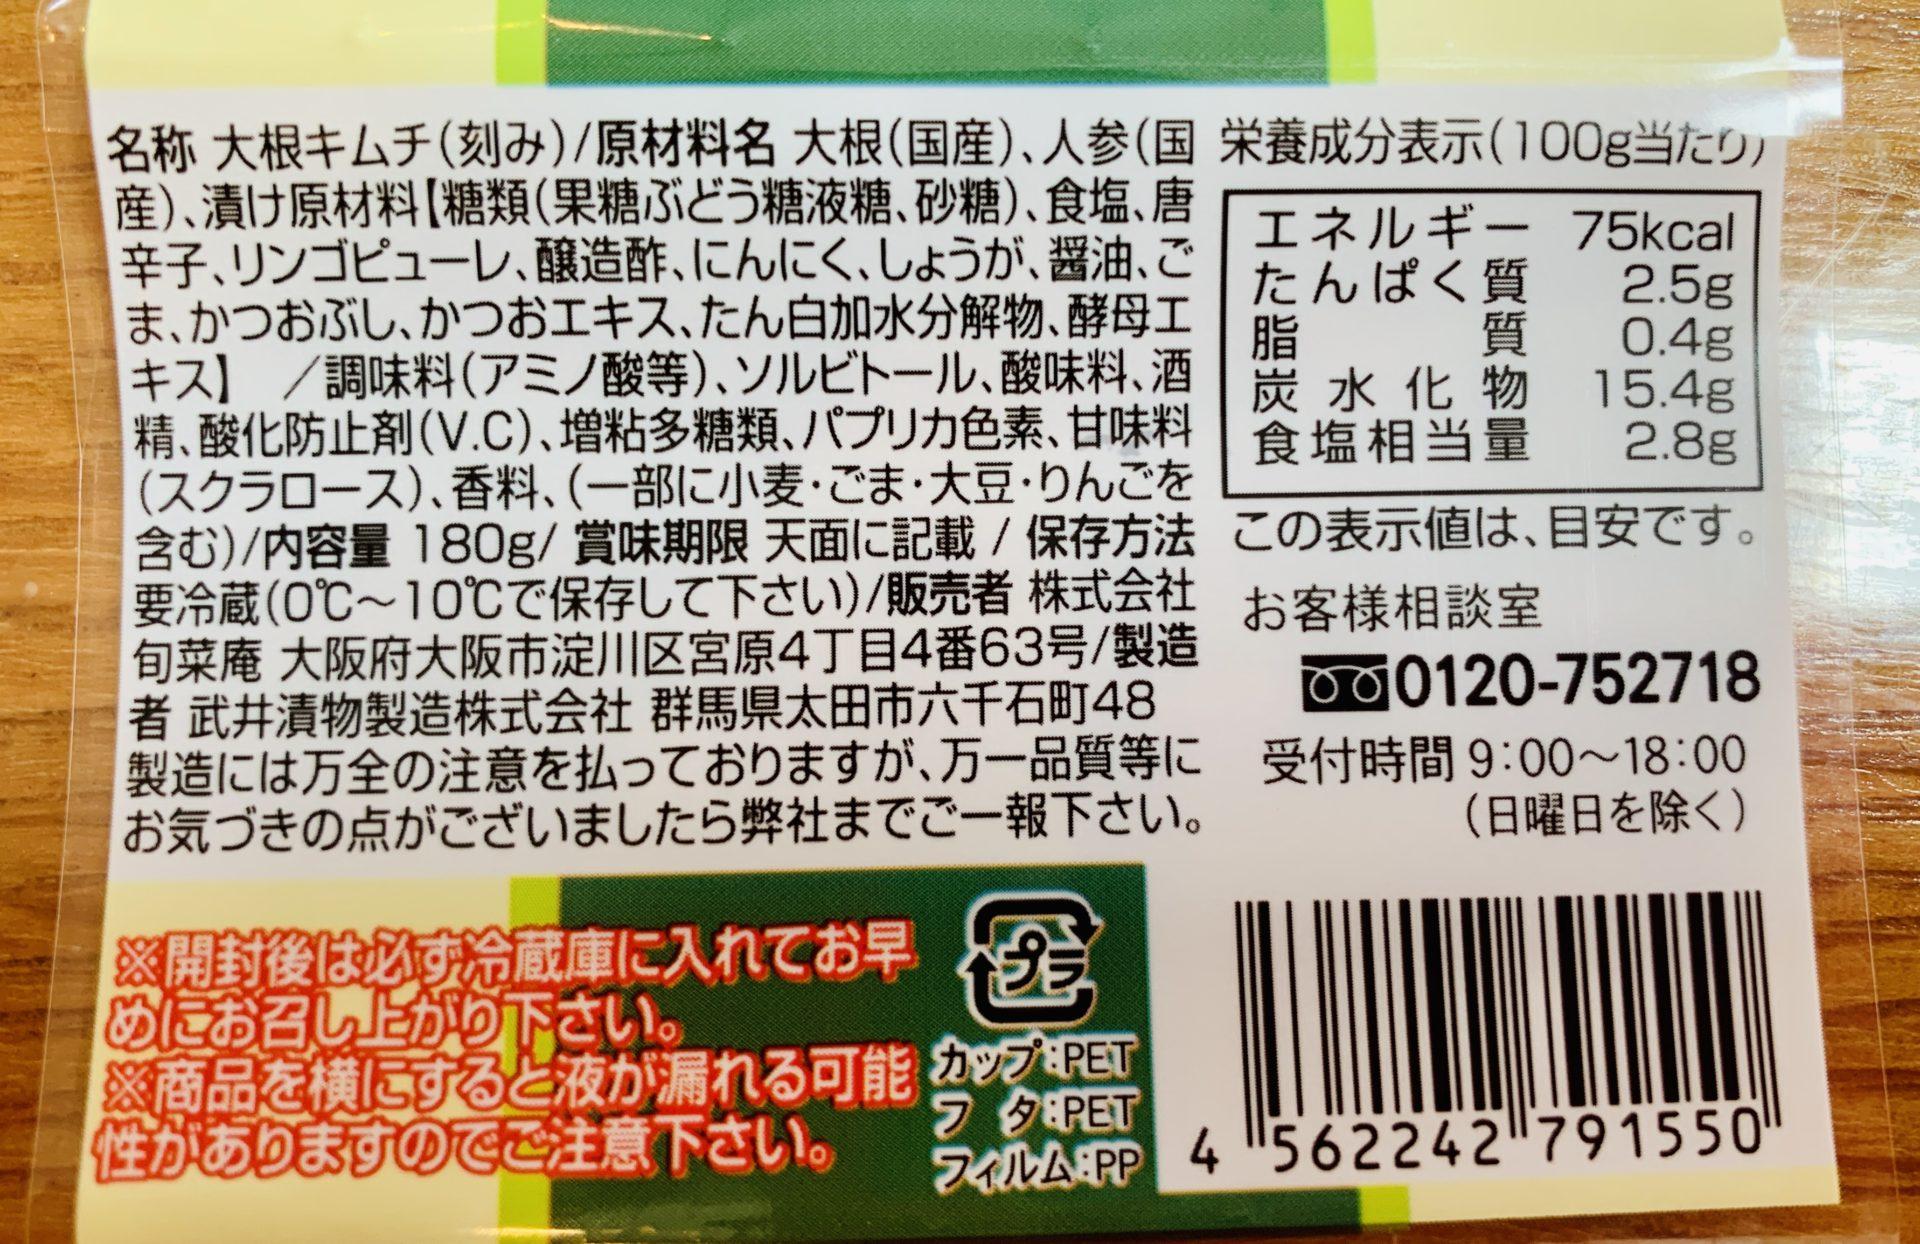 旬菜庵 カクテキキムチ